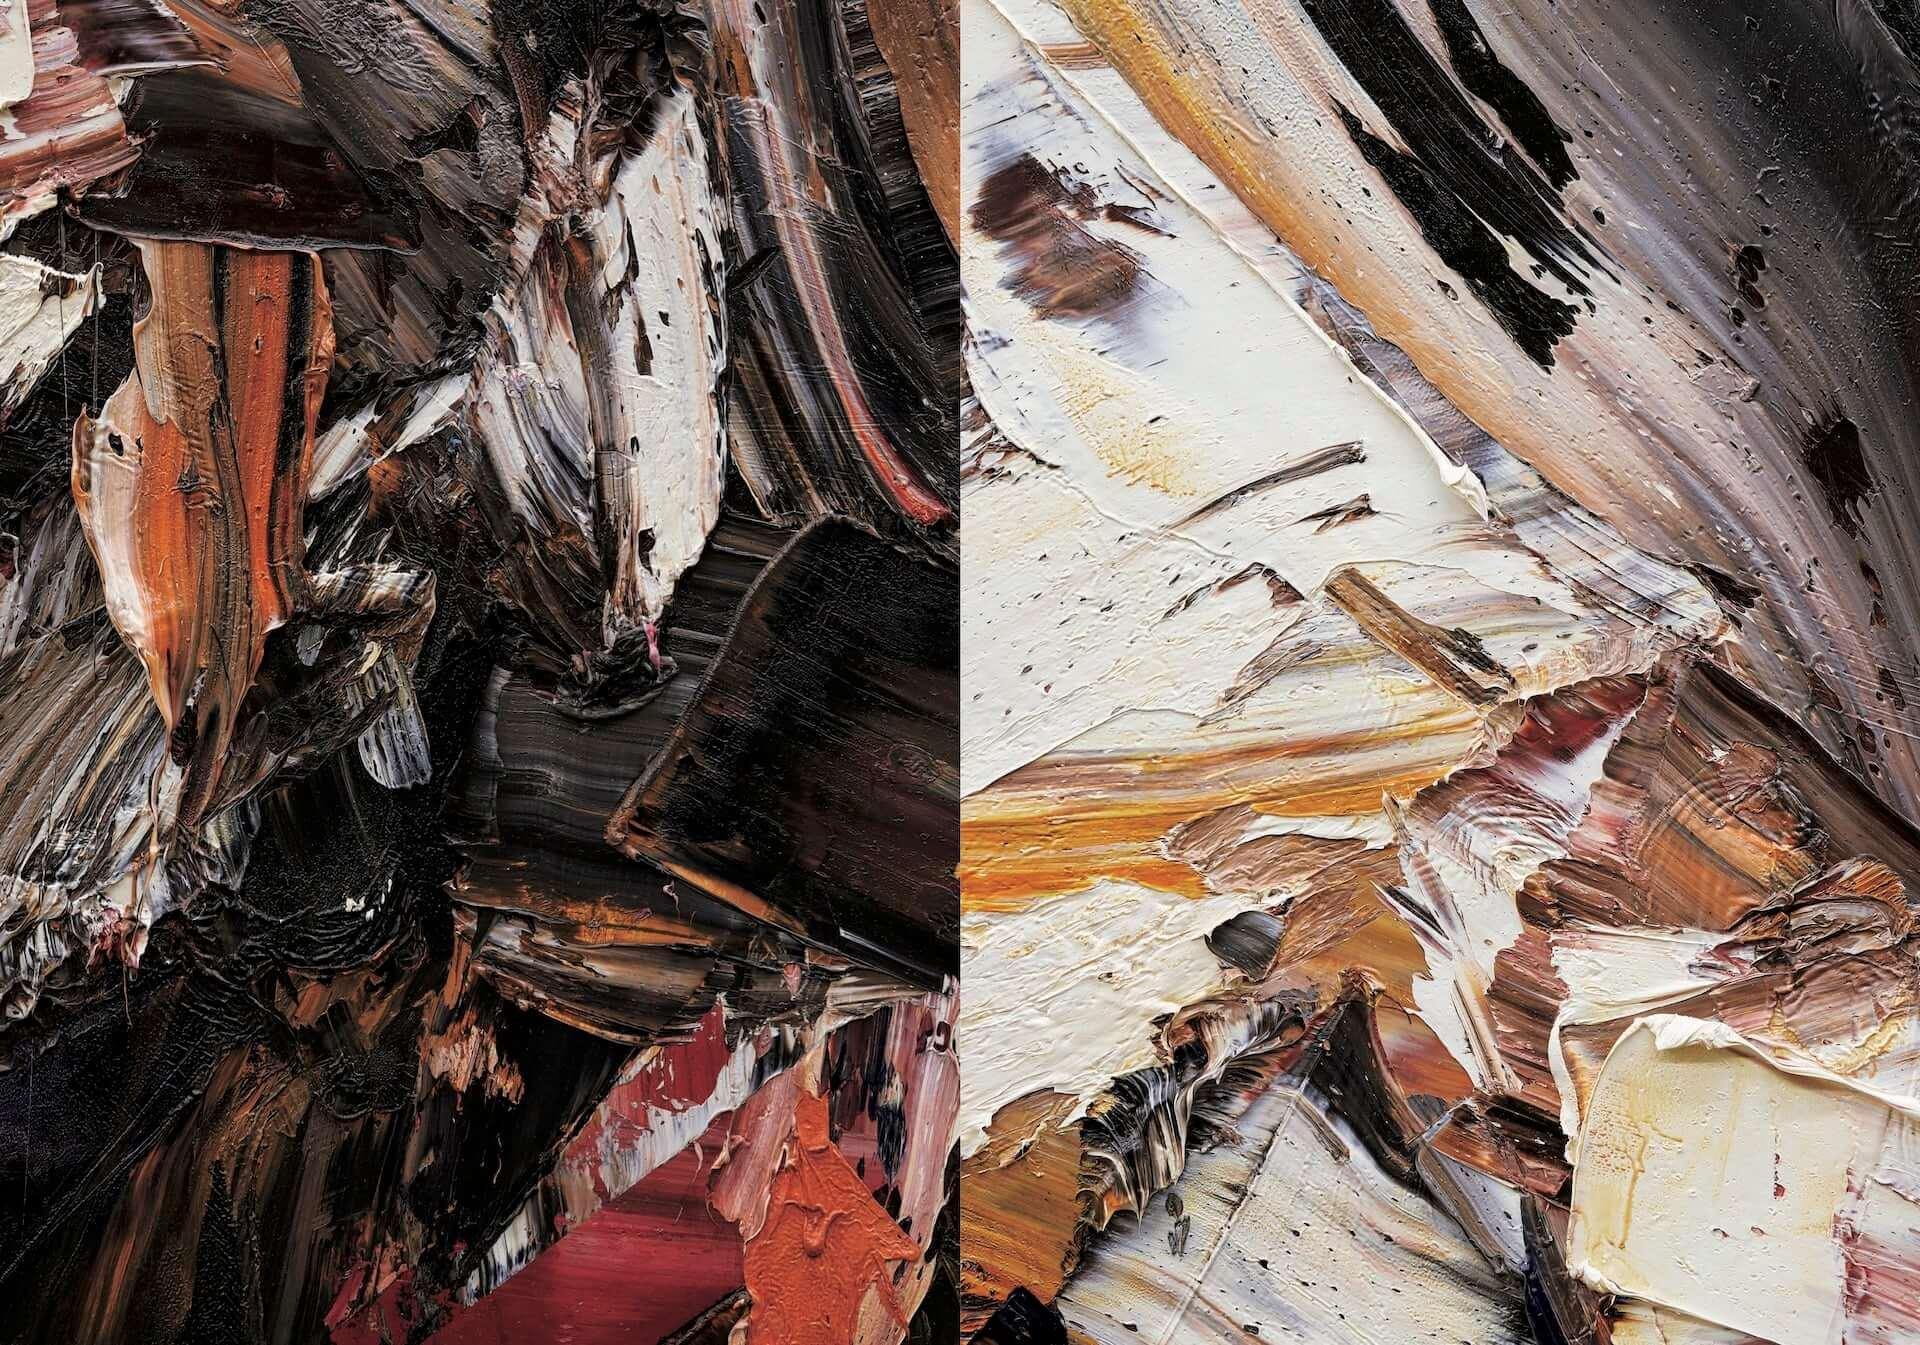 アンディ・ウォーホルの肖像画などを描く井田幸昌の作品集が美術出版社より刊行決定|井田「生きて出会う事象を残したい」 art200514_crystallization_2-1920x1345